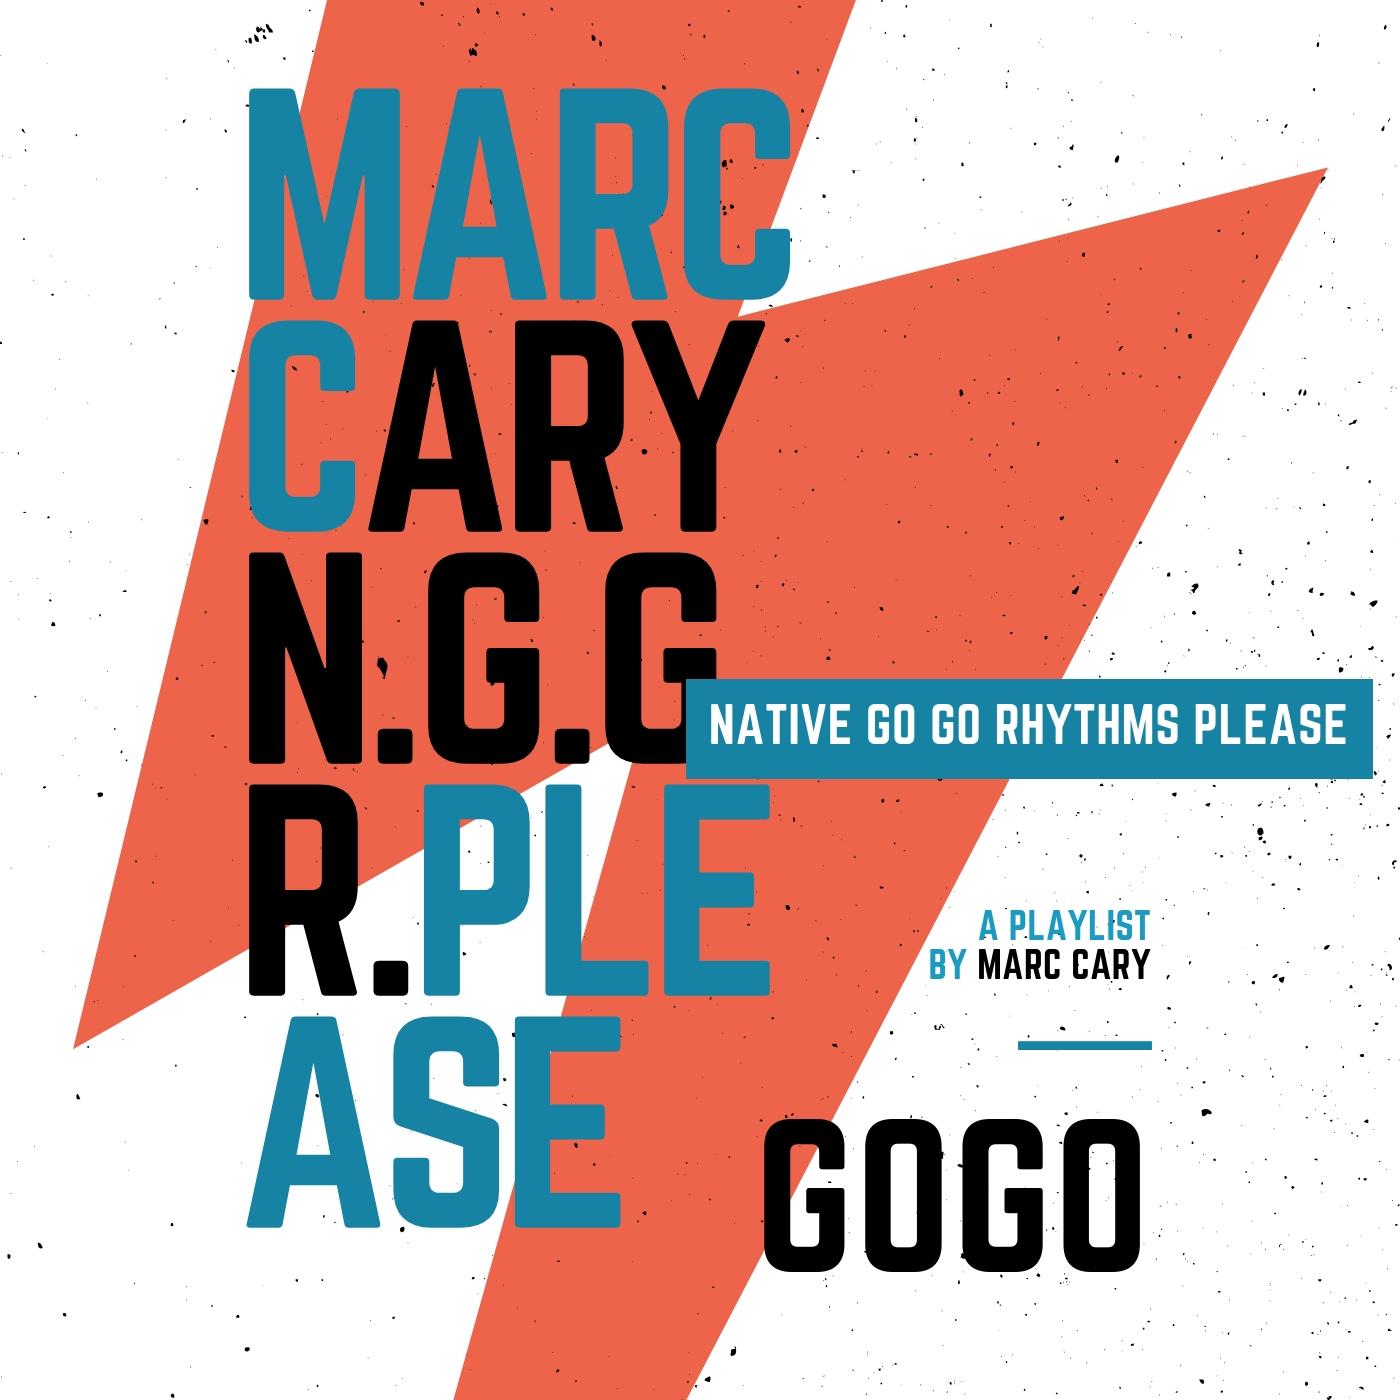 Native Go Go Rhythms Please